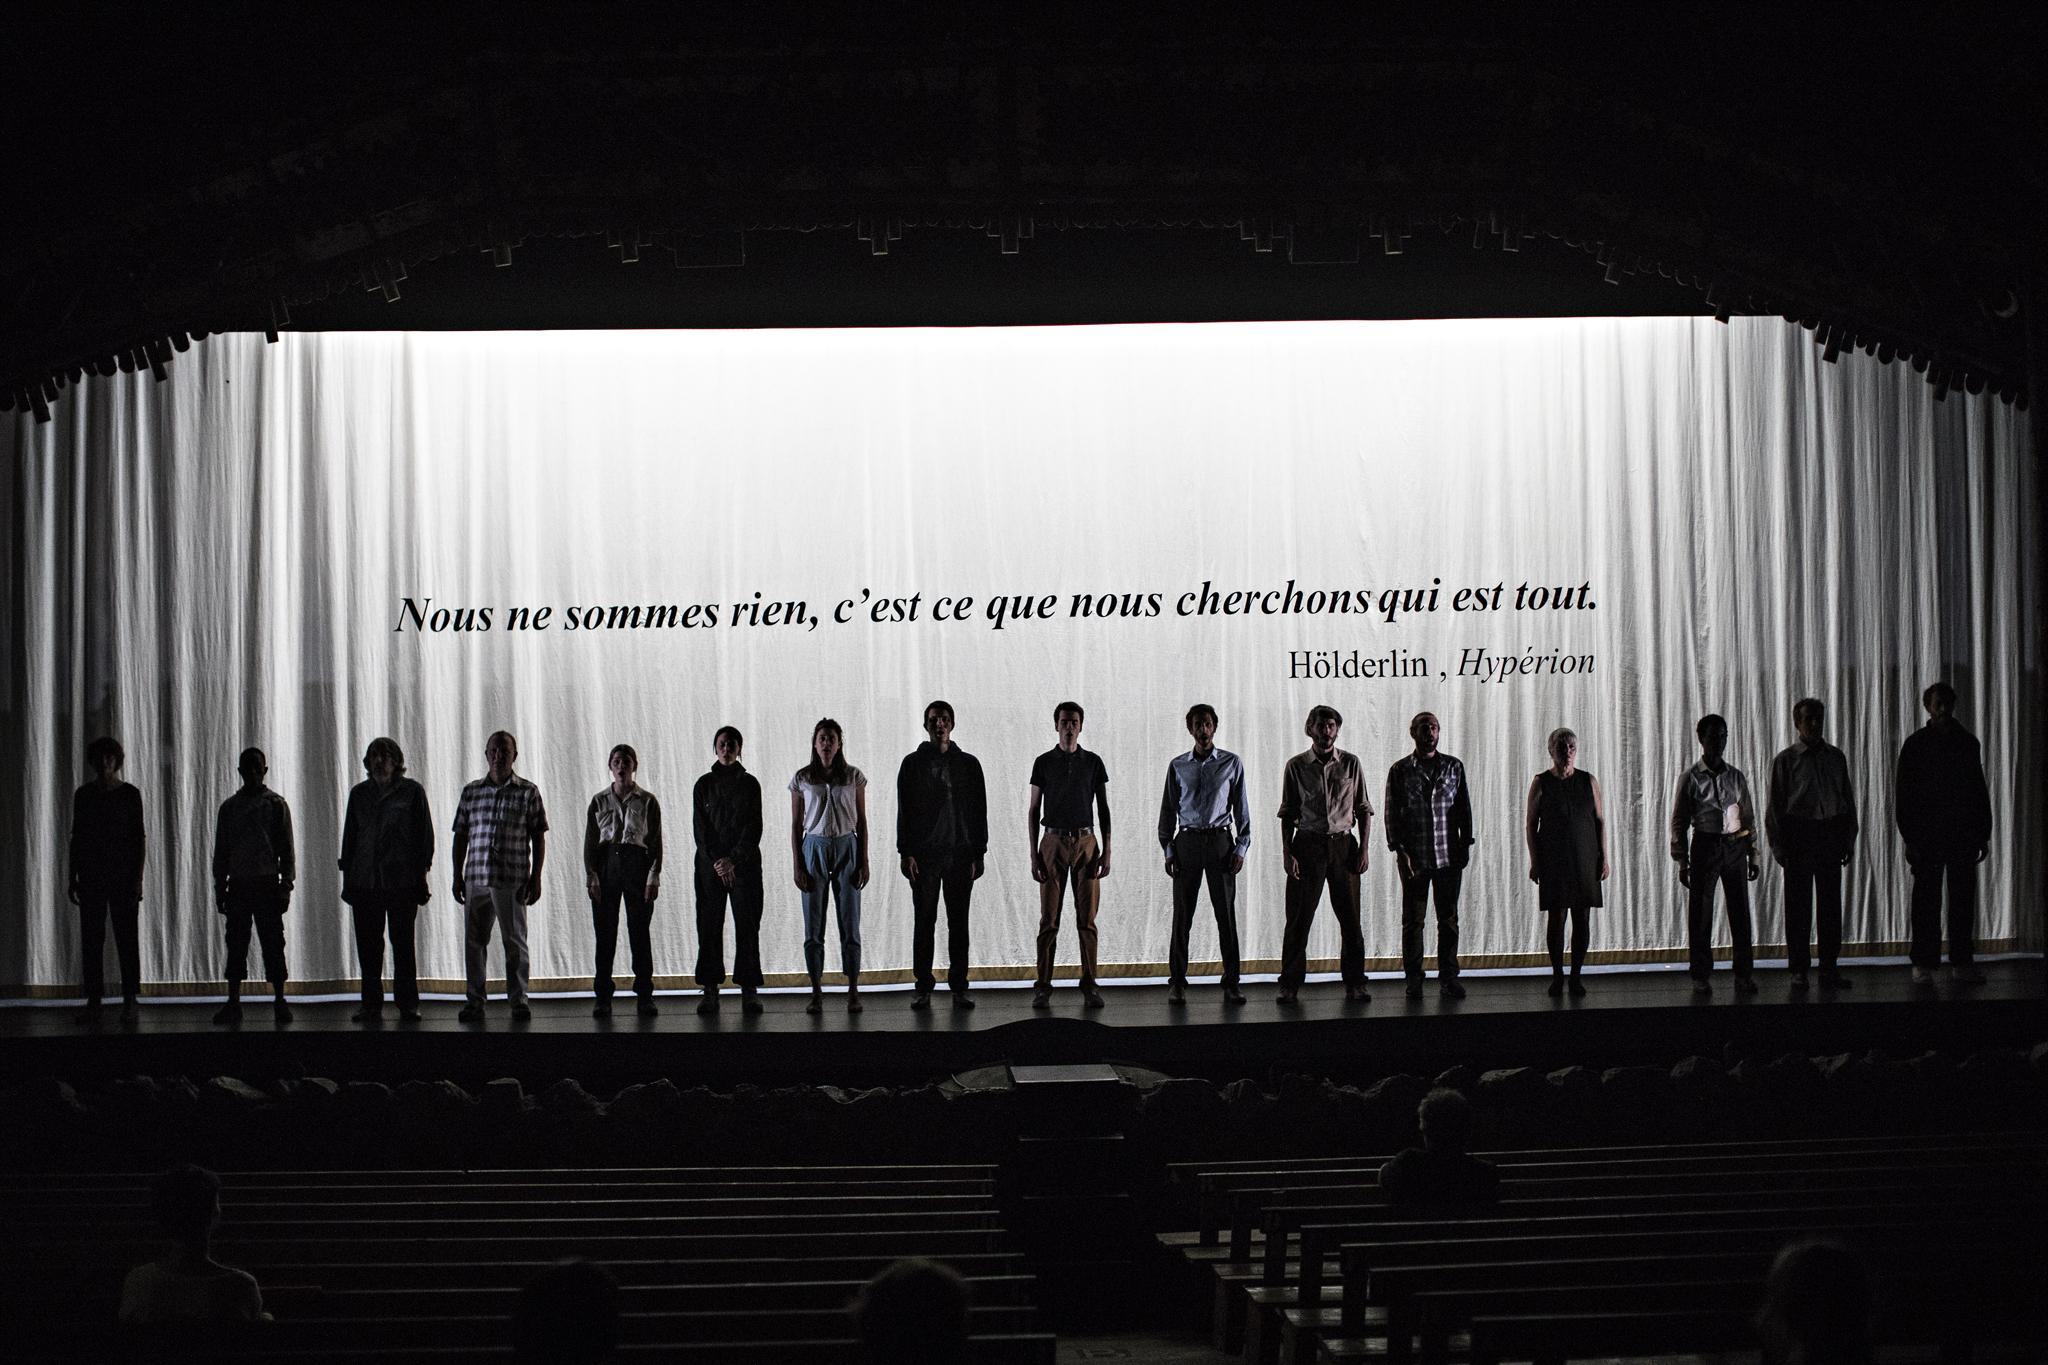 Littoral, de Wajdi Mouawad, mise en scène Simon Delétang, Théâtre du Peuple 2018 - Littoral5©JeanLouisFernandez108